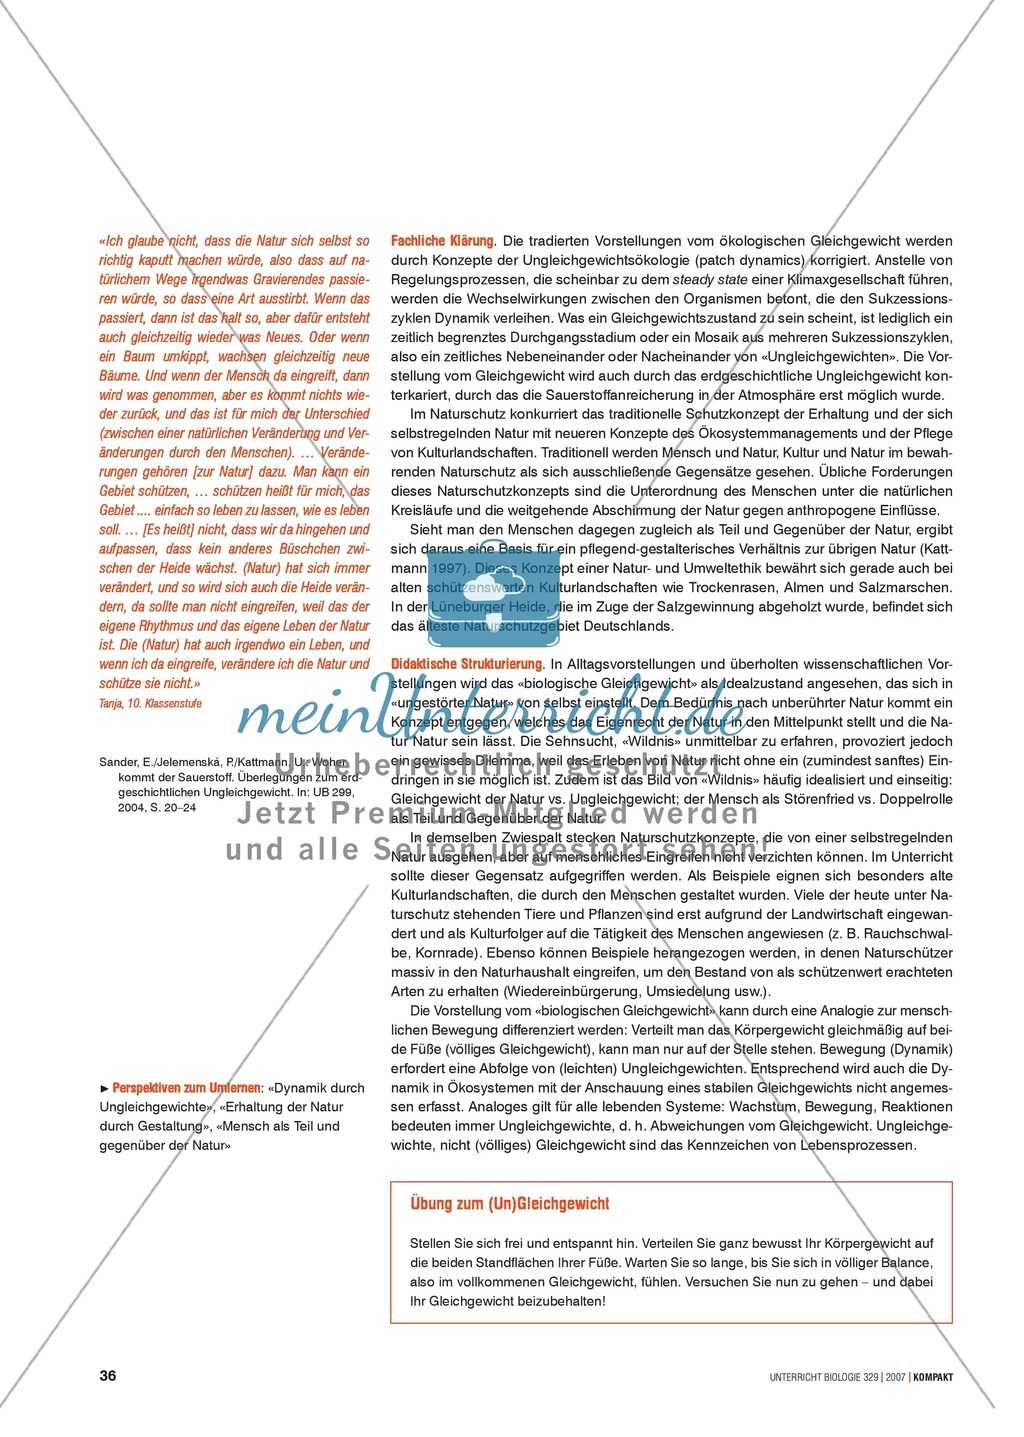 Alltagsvorstellungen zur Ökologie - Mensch und Natur: Info-Text und Aufgaben Preview 2